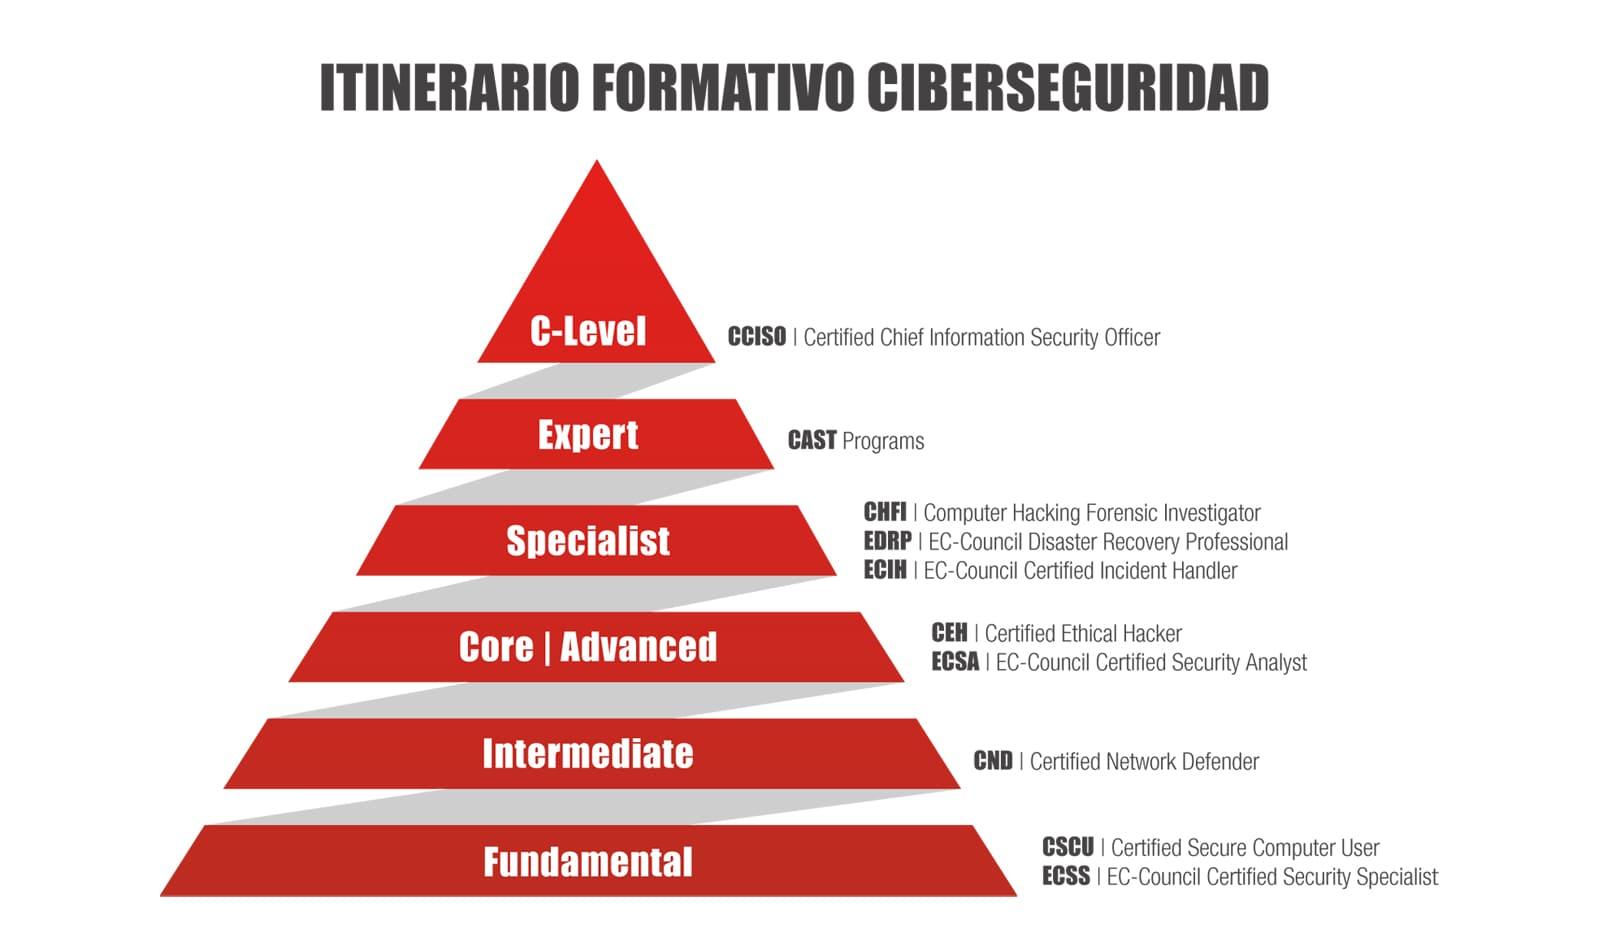 Itinerario-Formativo-Ciberseguridad